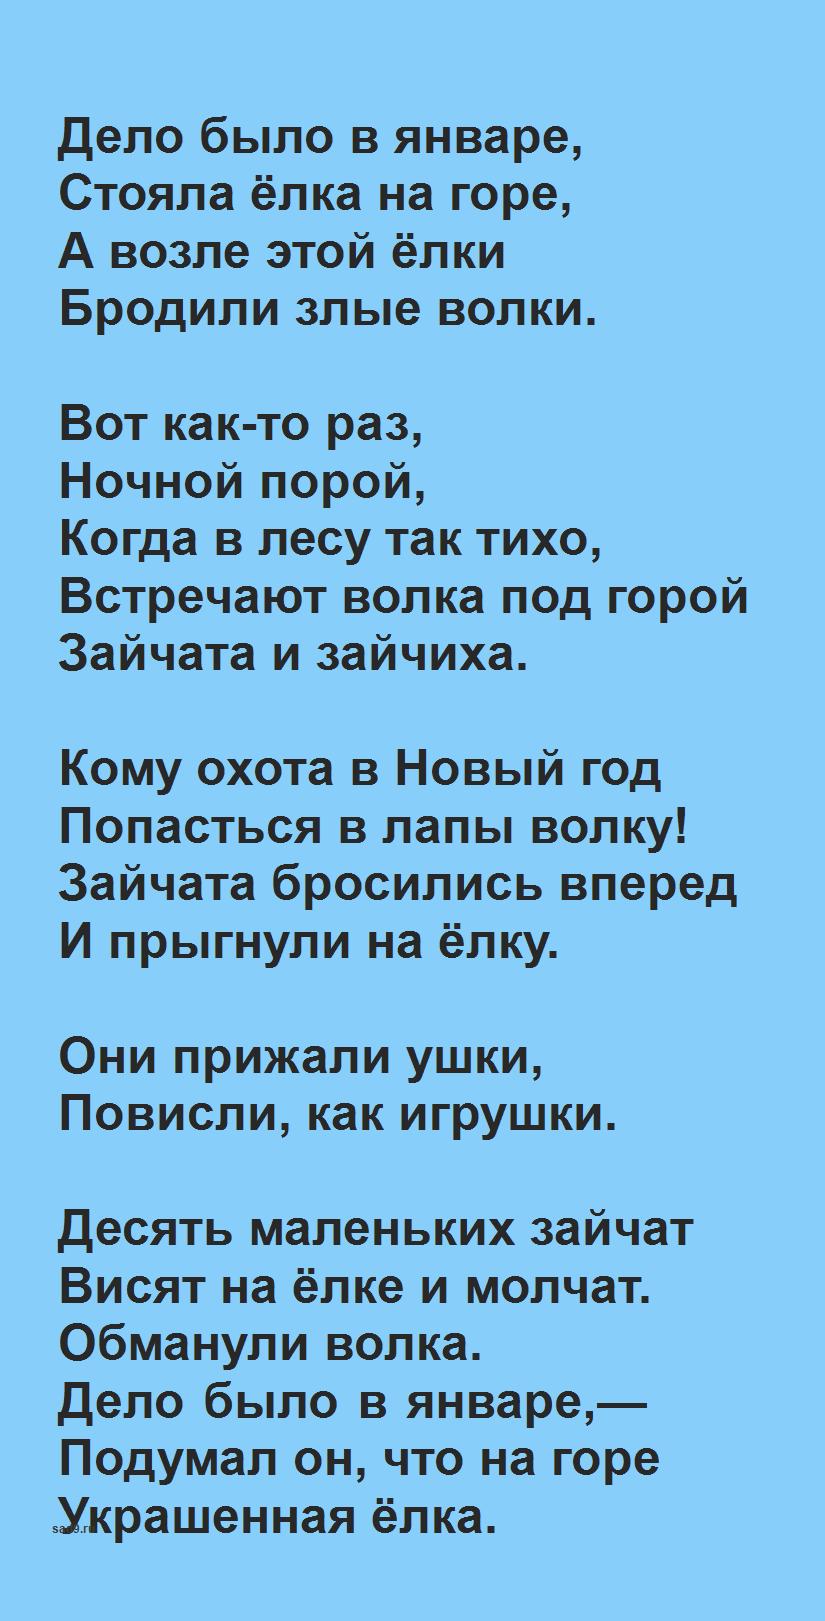 Барто стихи для детей - Дело было в январе